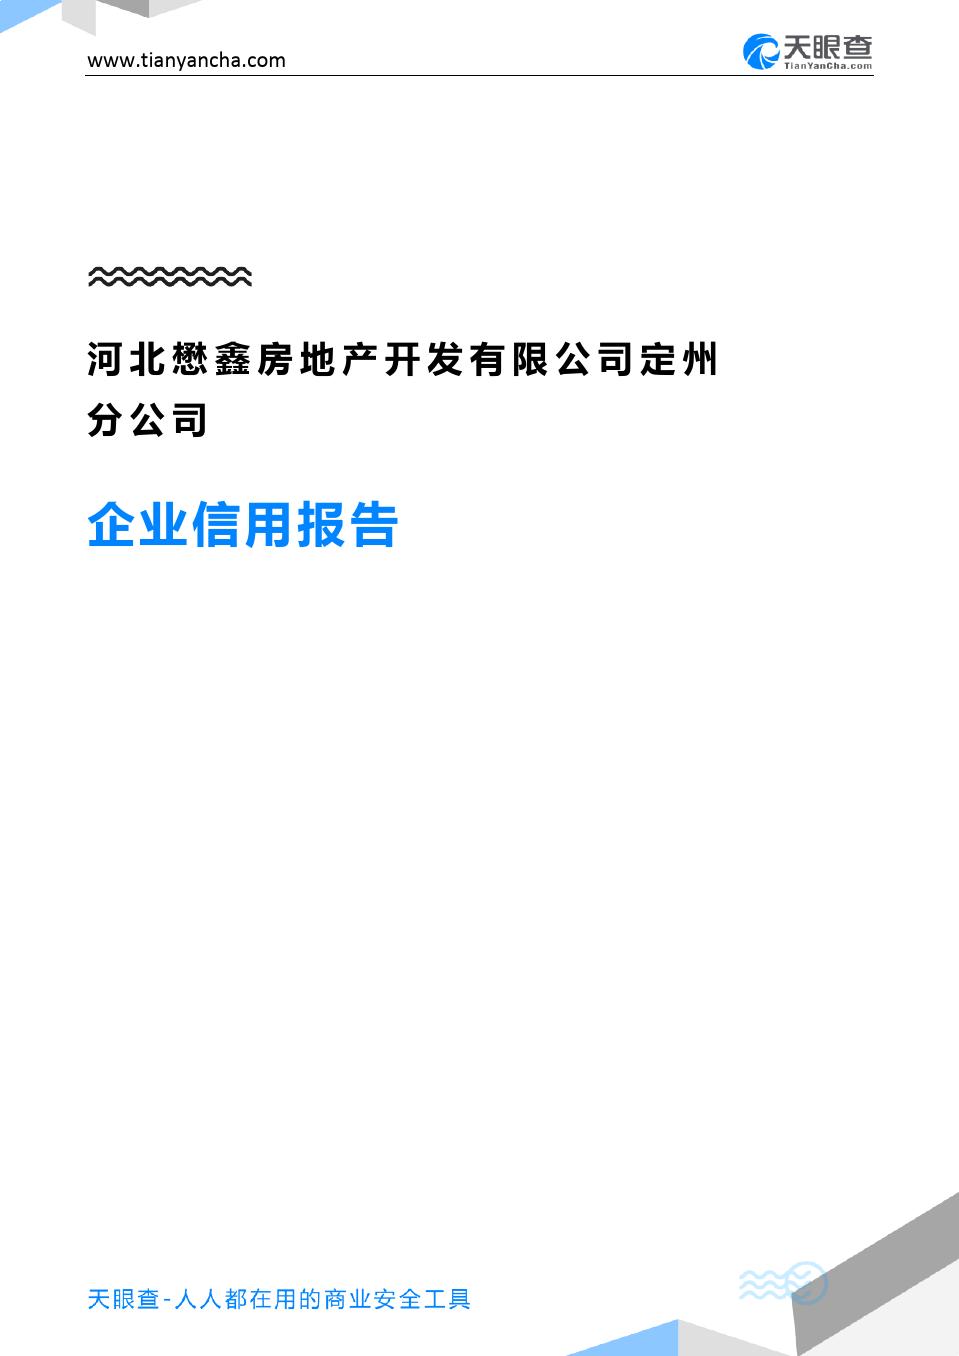 河北懋鑫房地产开发有限公司定州分公司企业信用报告-天眼查